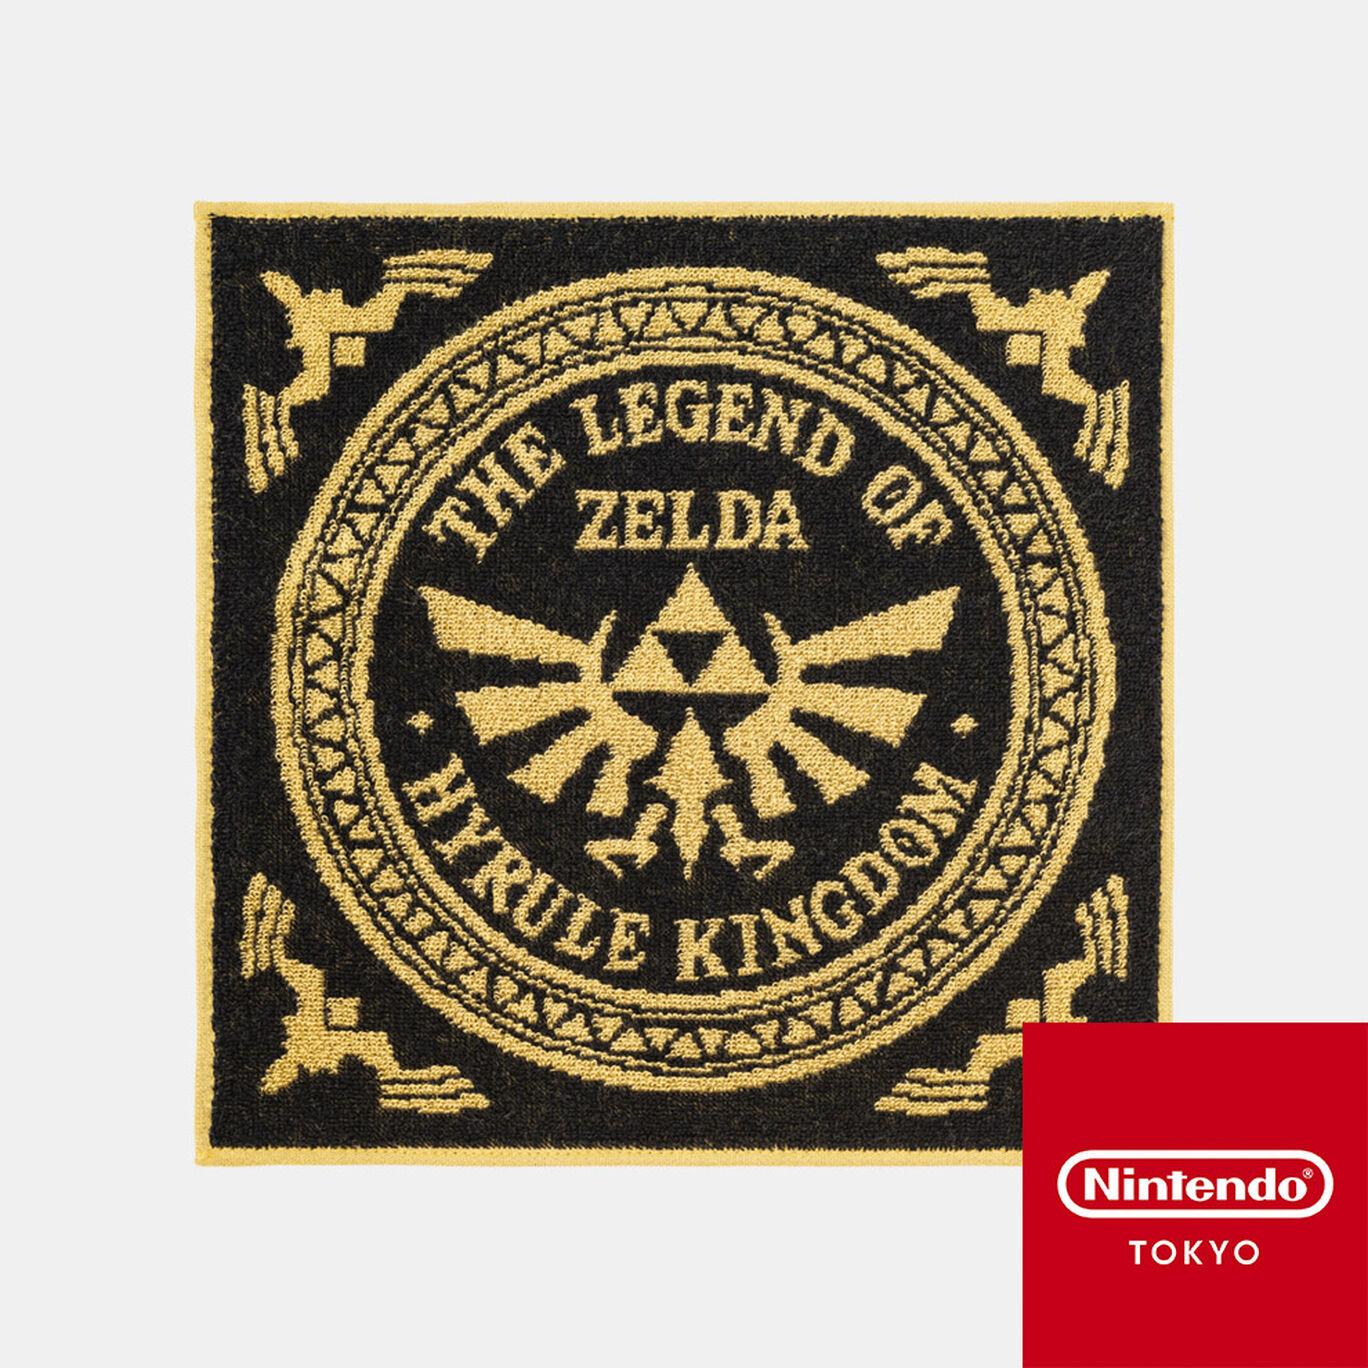 ハンドタオル ゼルダの伝説 A【Nintendo TOKYO取り扱い商品】